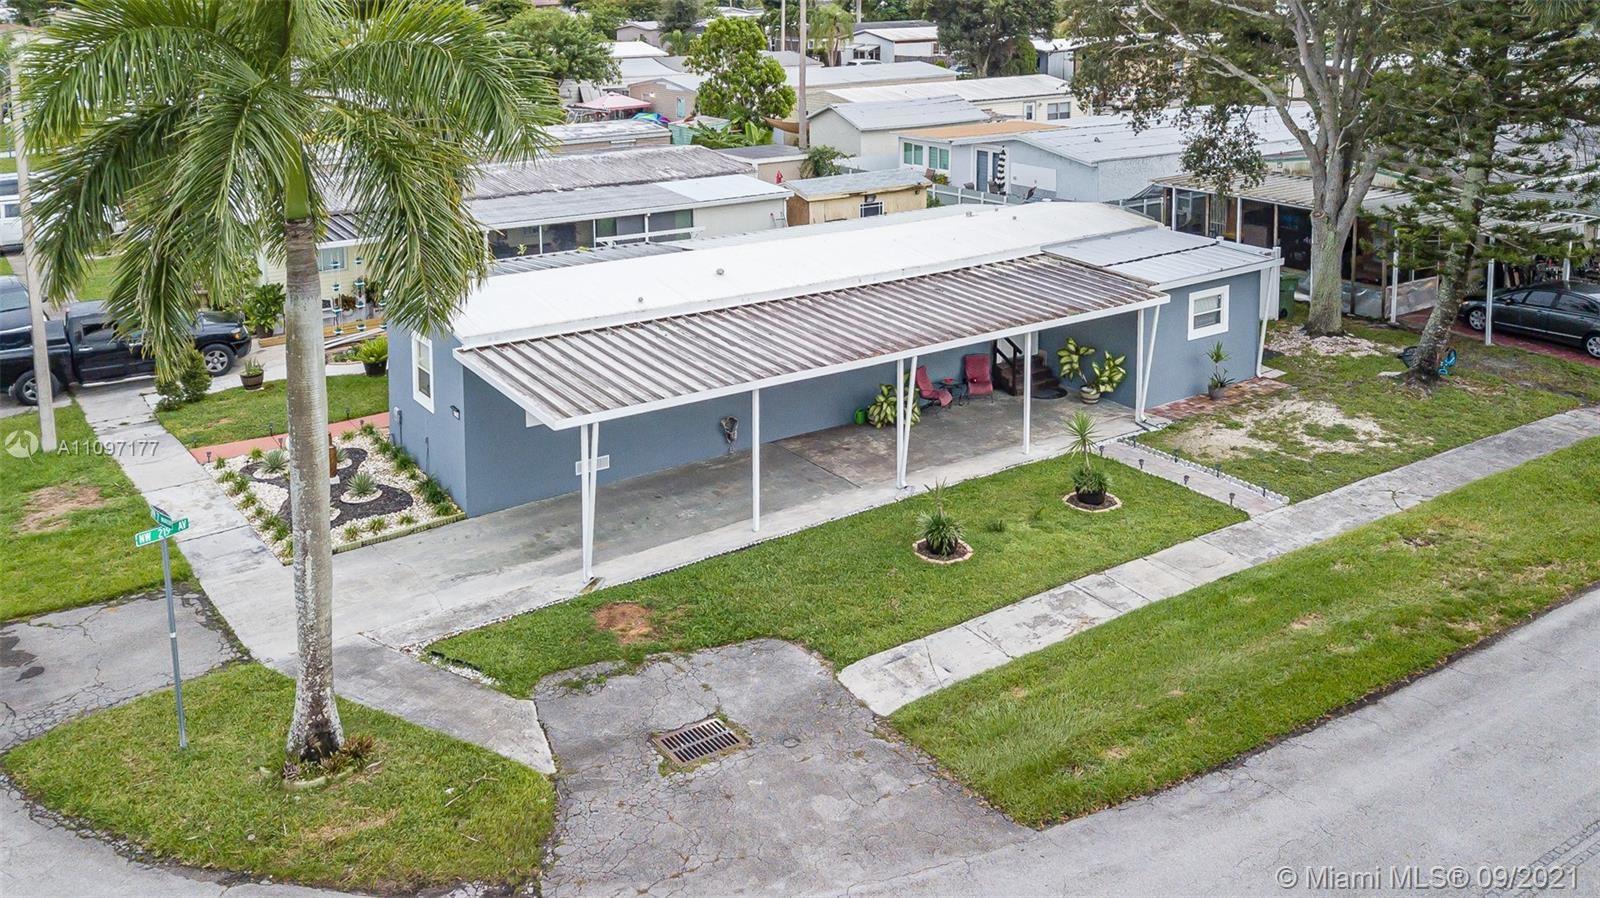 21850 NW 7th Mnr, Pembroke Pines, FL 33029 - #: A11097177